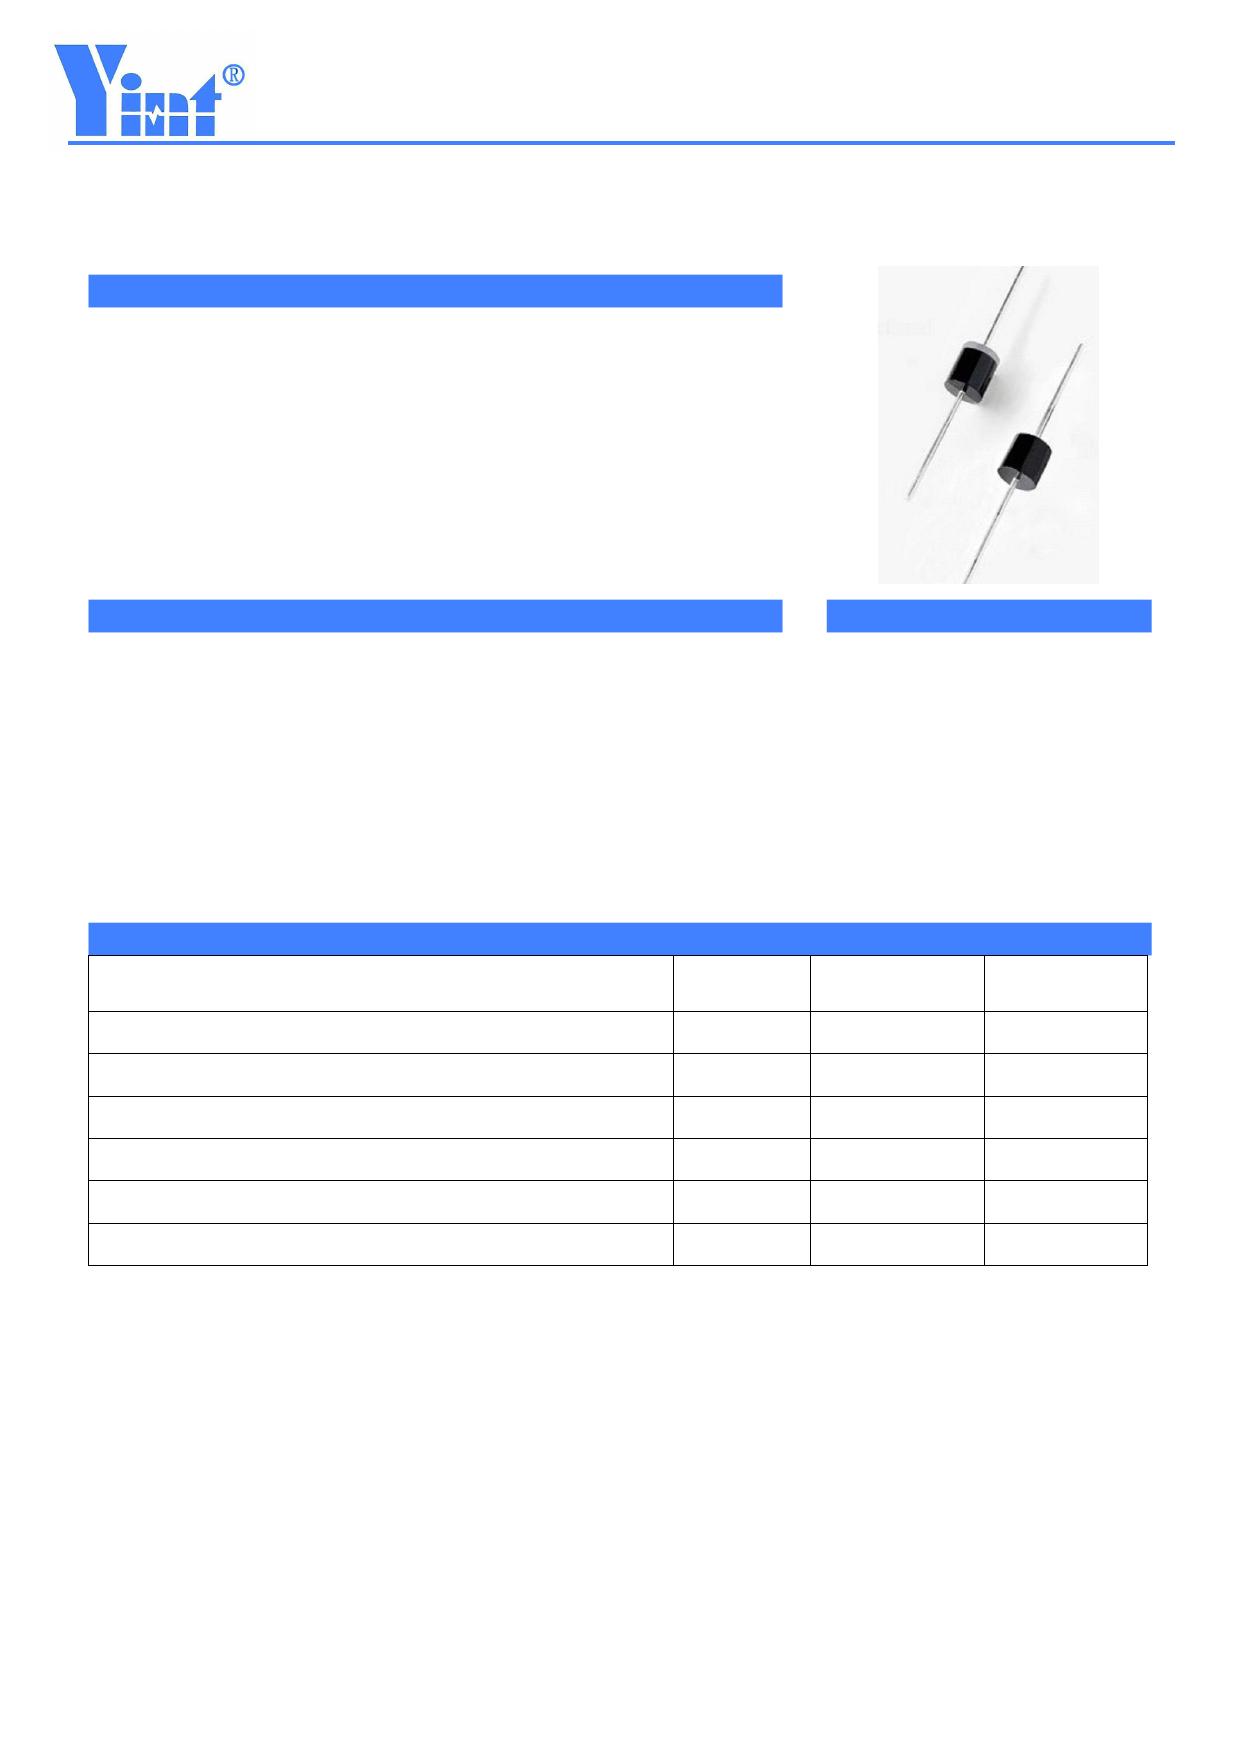 3.0KP160A datasheet